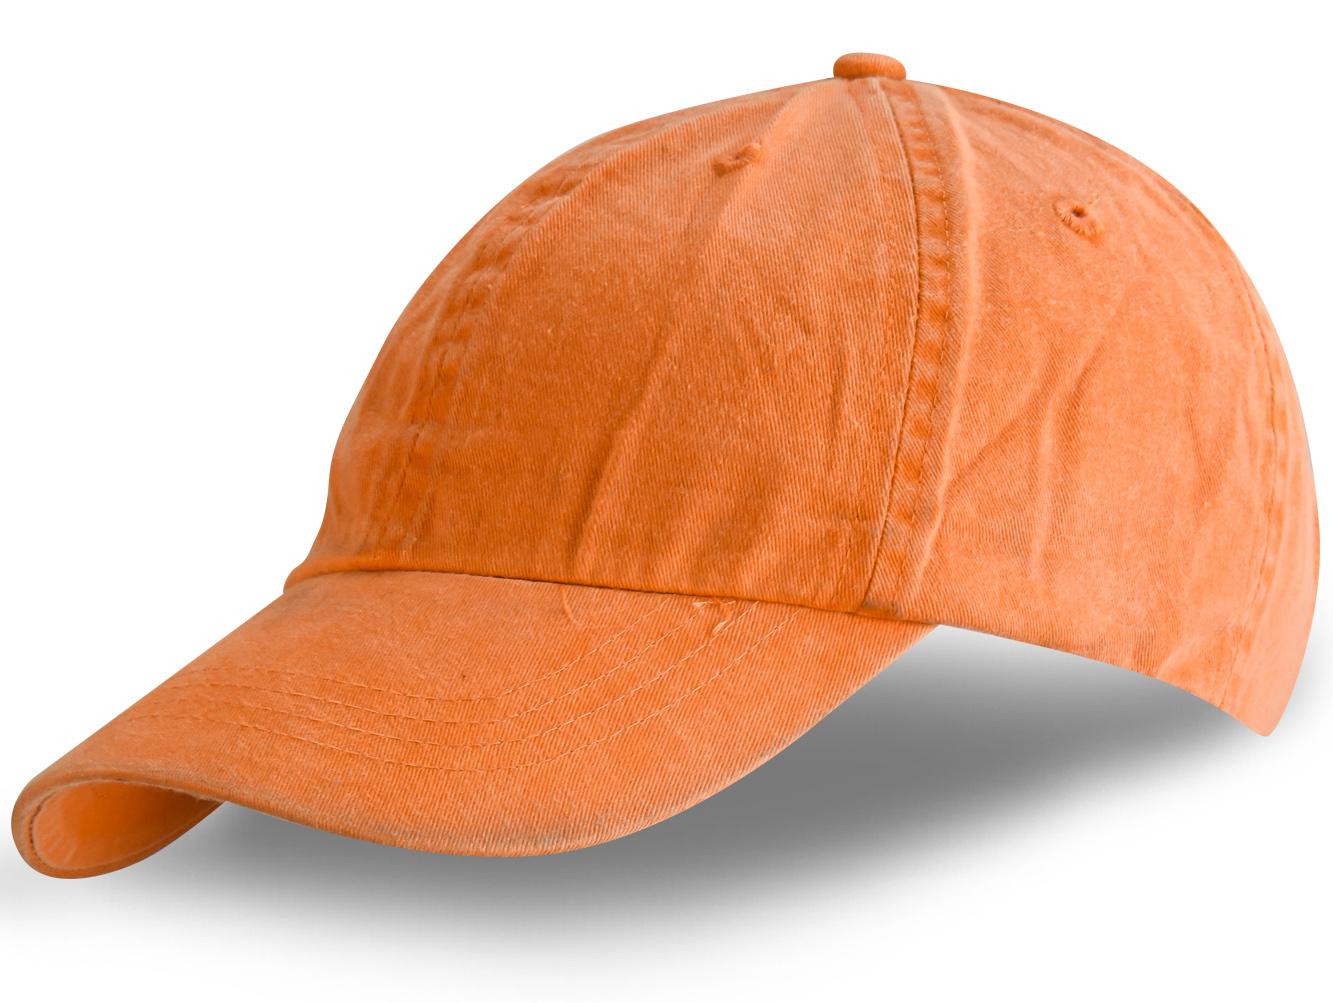 Бейсболка оранжевая - купить в интернет-магазине с доставкой